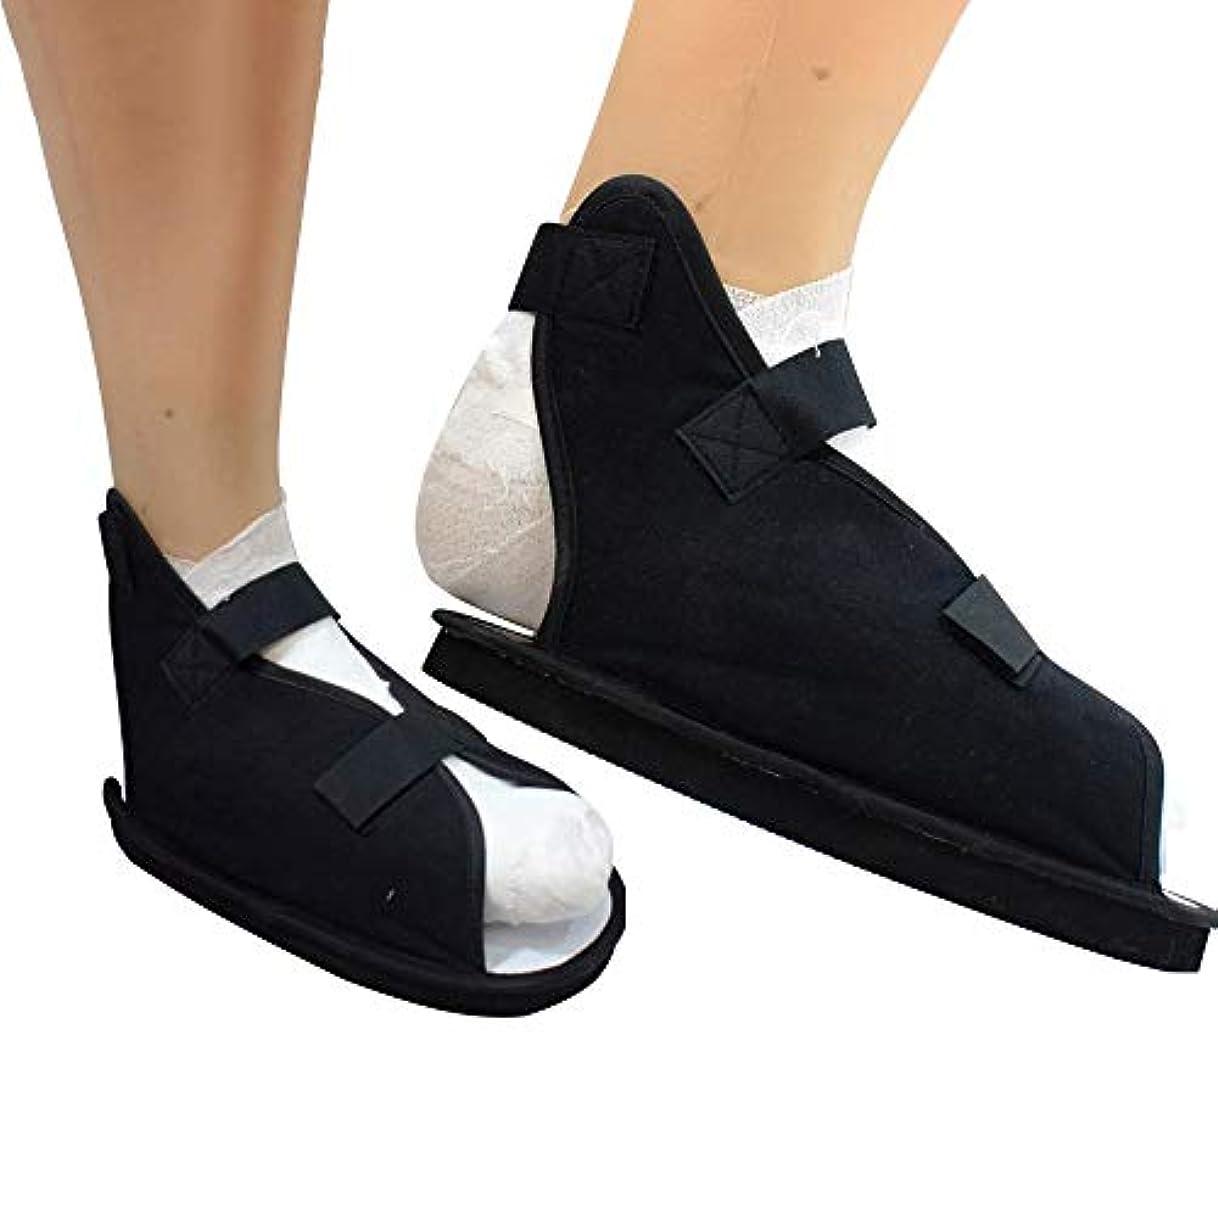 覗く残基近代化調整可能な術後オープントゥシューズ - 軽量医療用ウォーキングブーツ - 足首骨折用術後シューズ(1パック) (Size : XS)